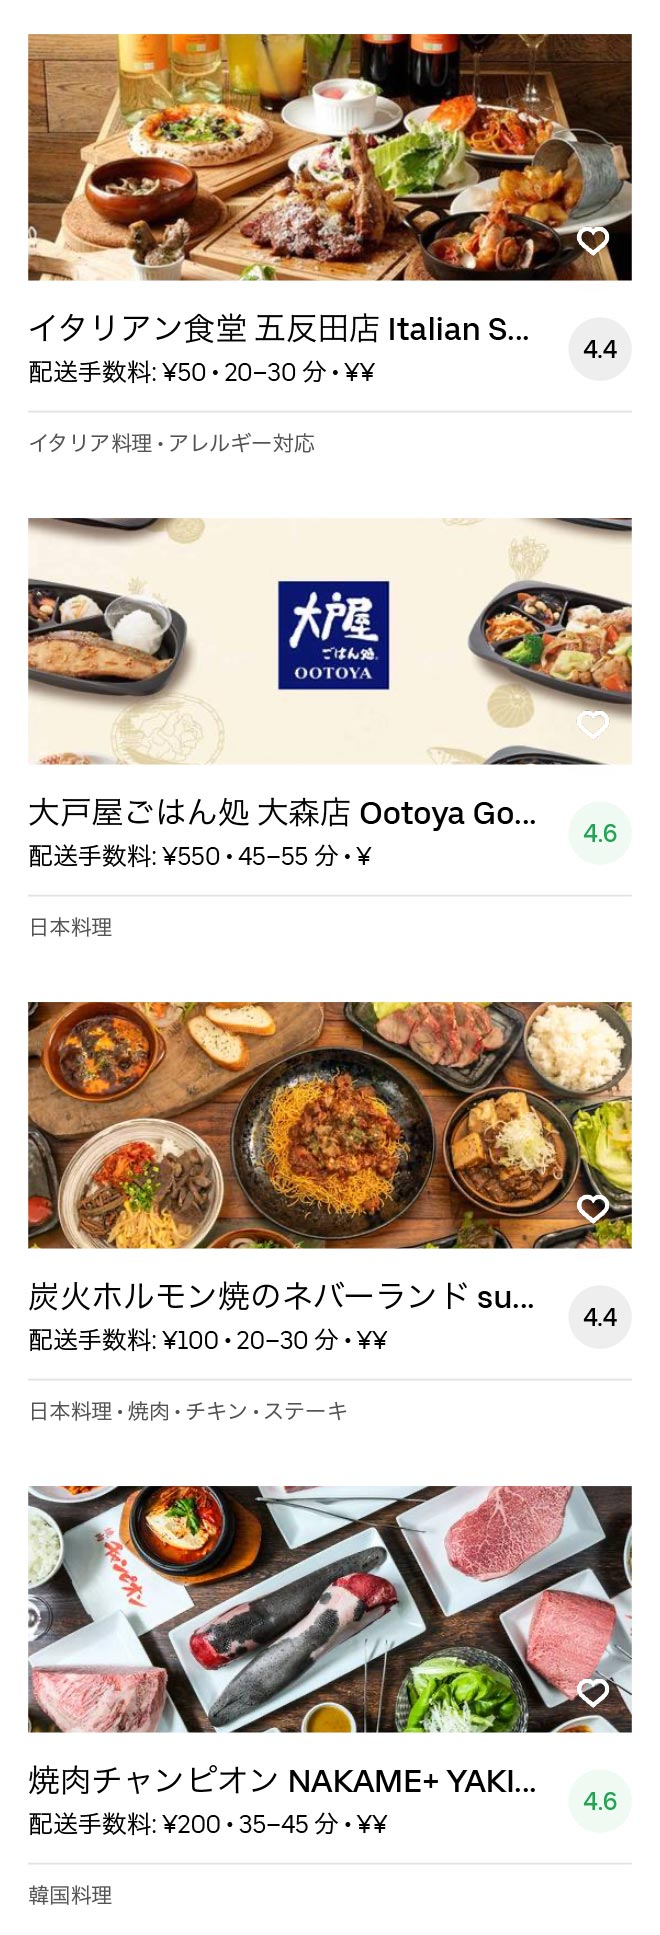 Tokyo osaki menu 2005 10